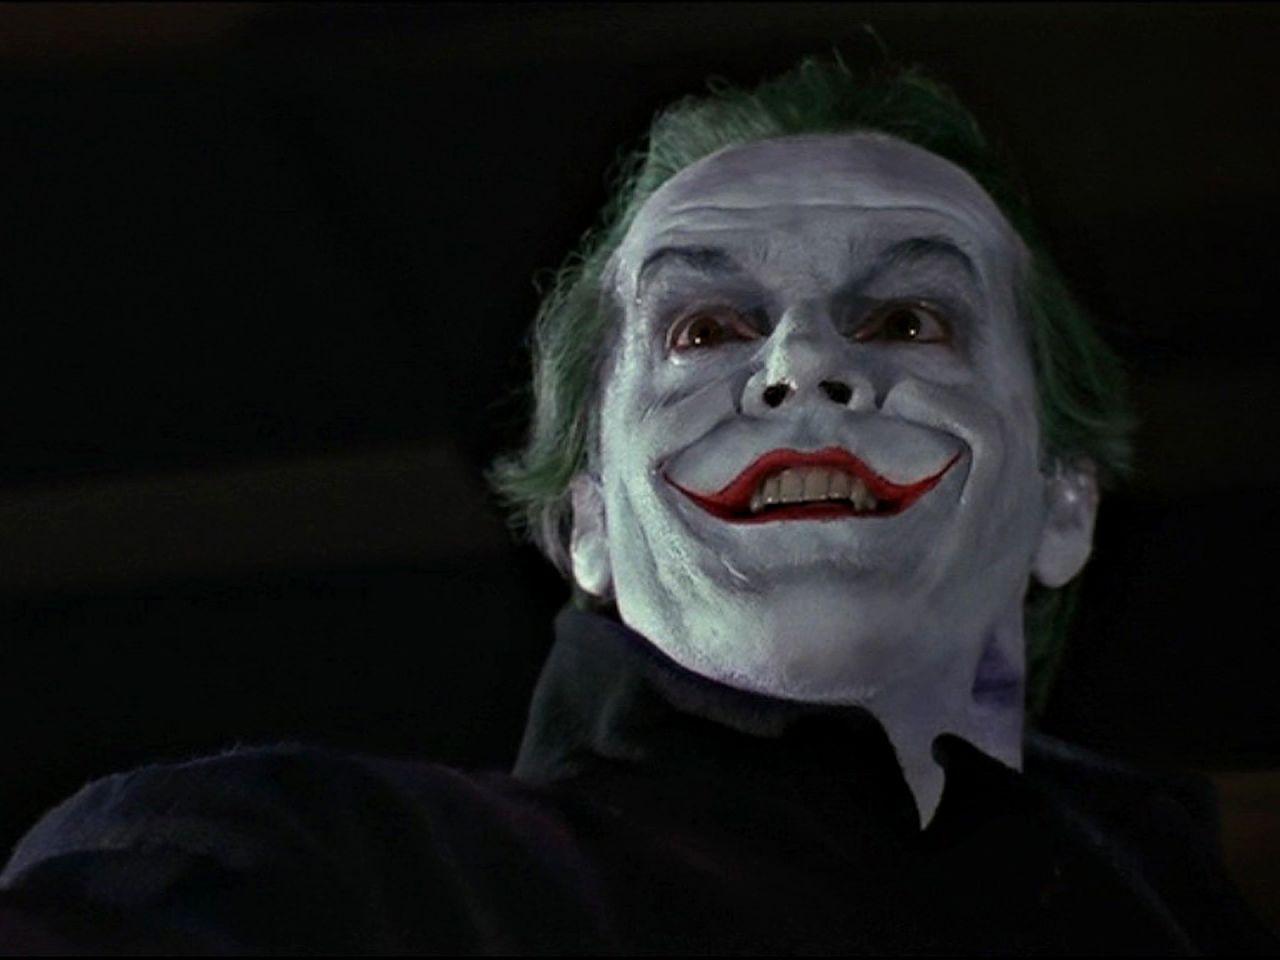 The Joker Smiling Portrait Wallpaper 1280x960